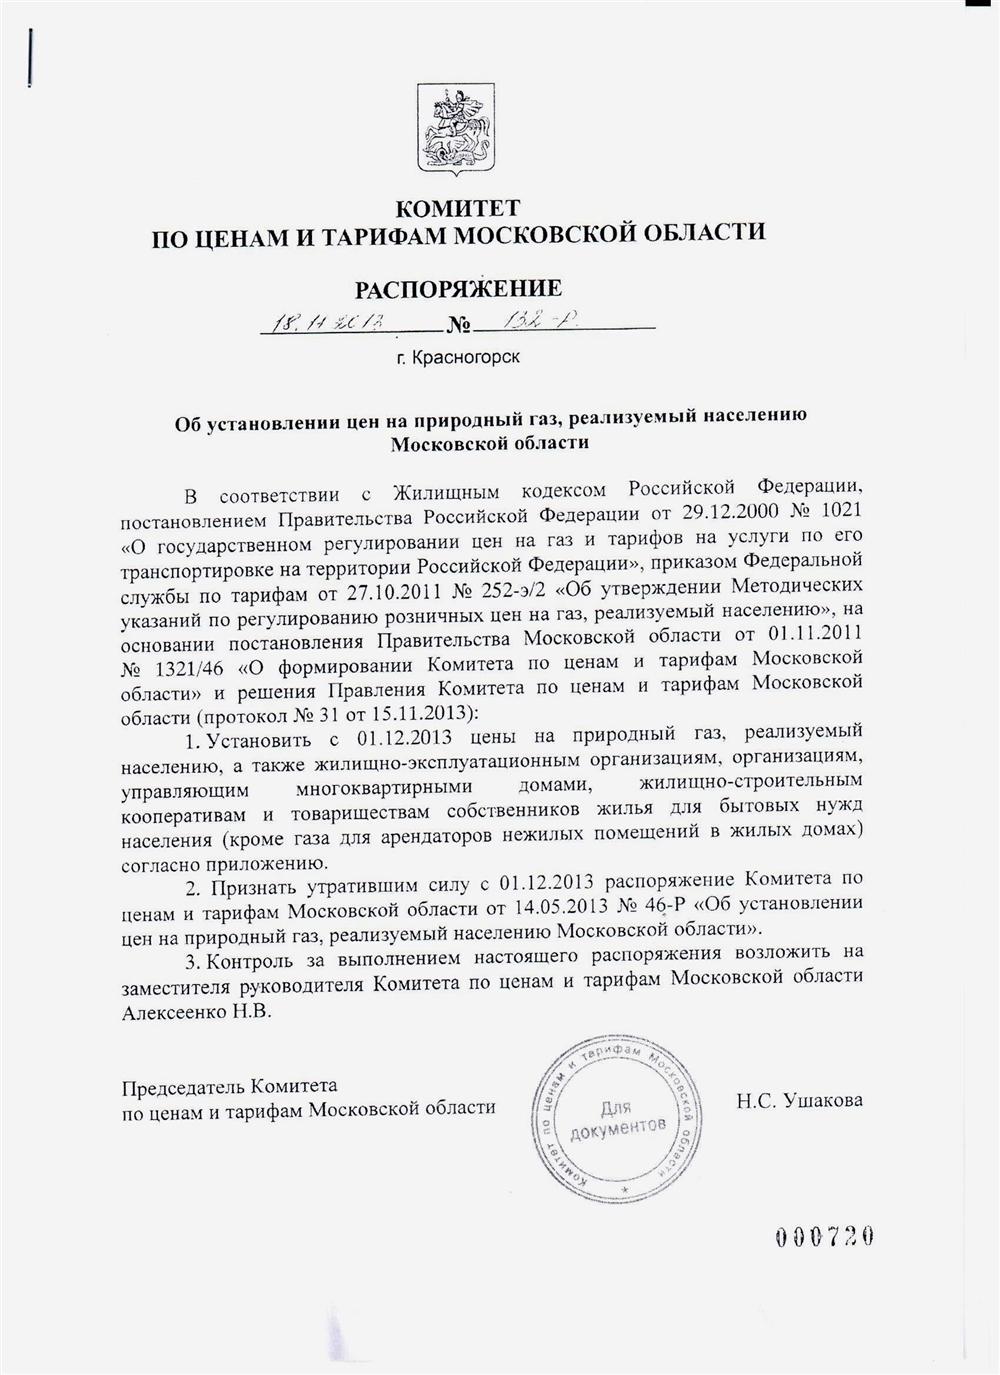 Ремонт стенки по договору подряда №213 от 12.11.2013